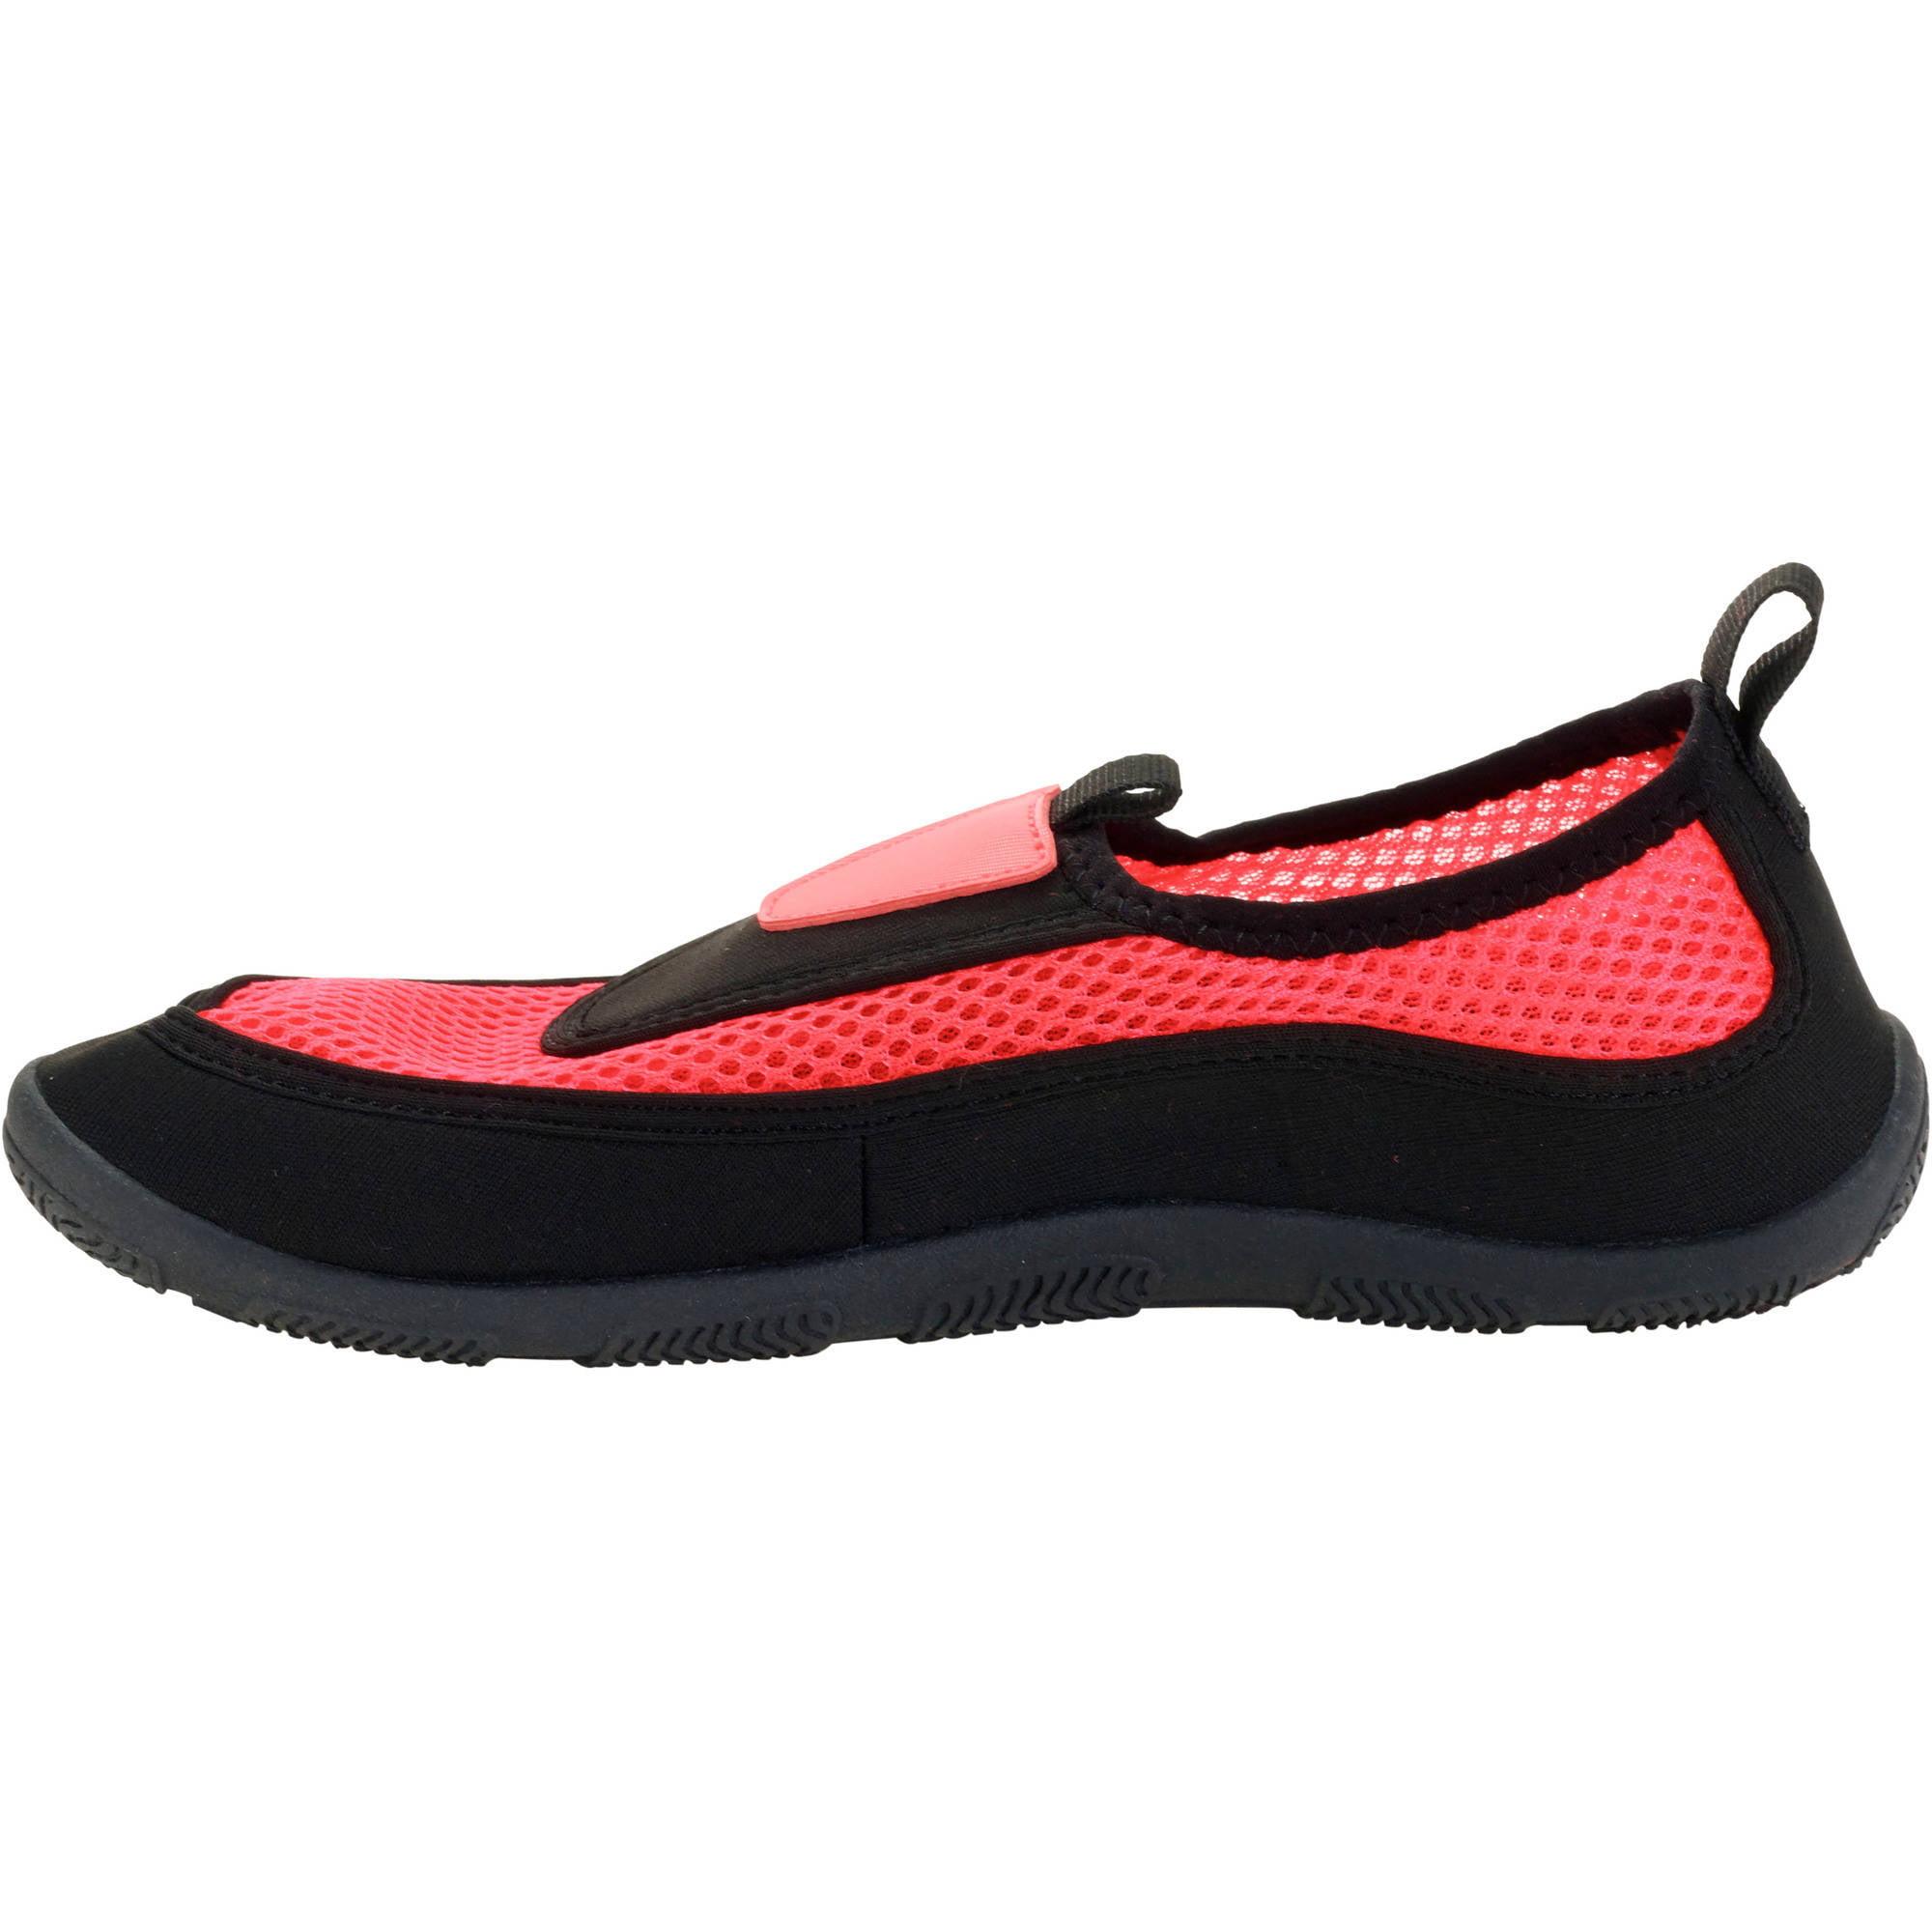 0eafda2900c Women s Essential Aqua Beach Shoe - Walmart.com